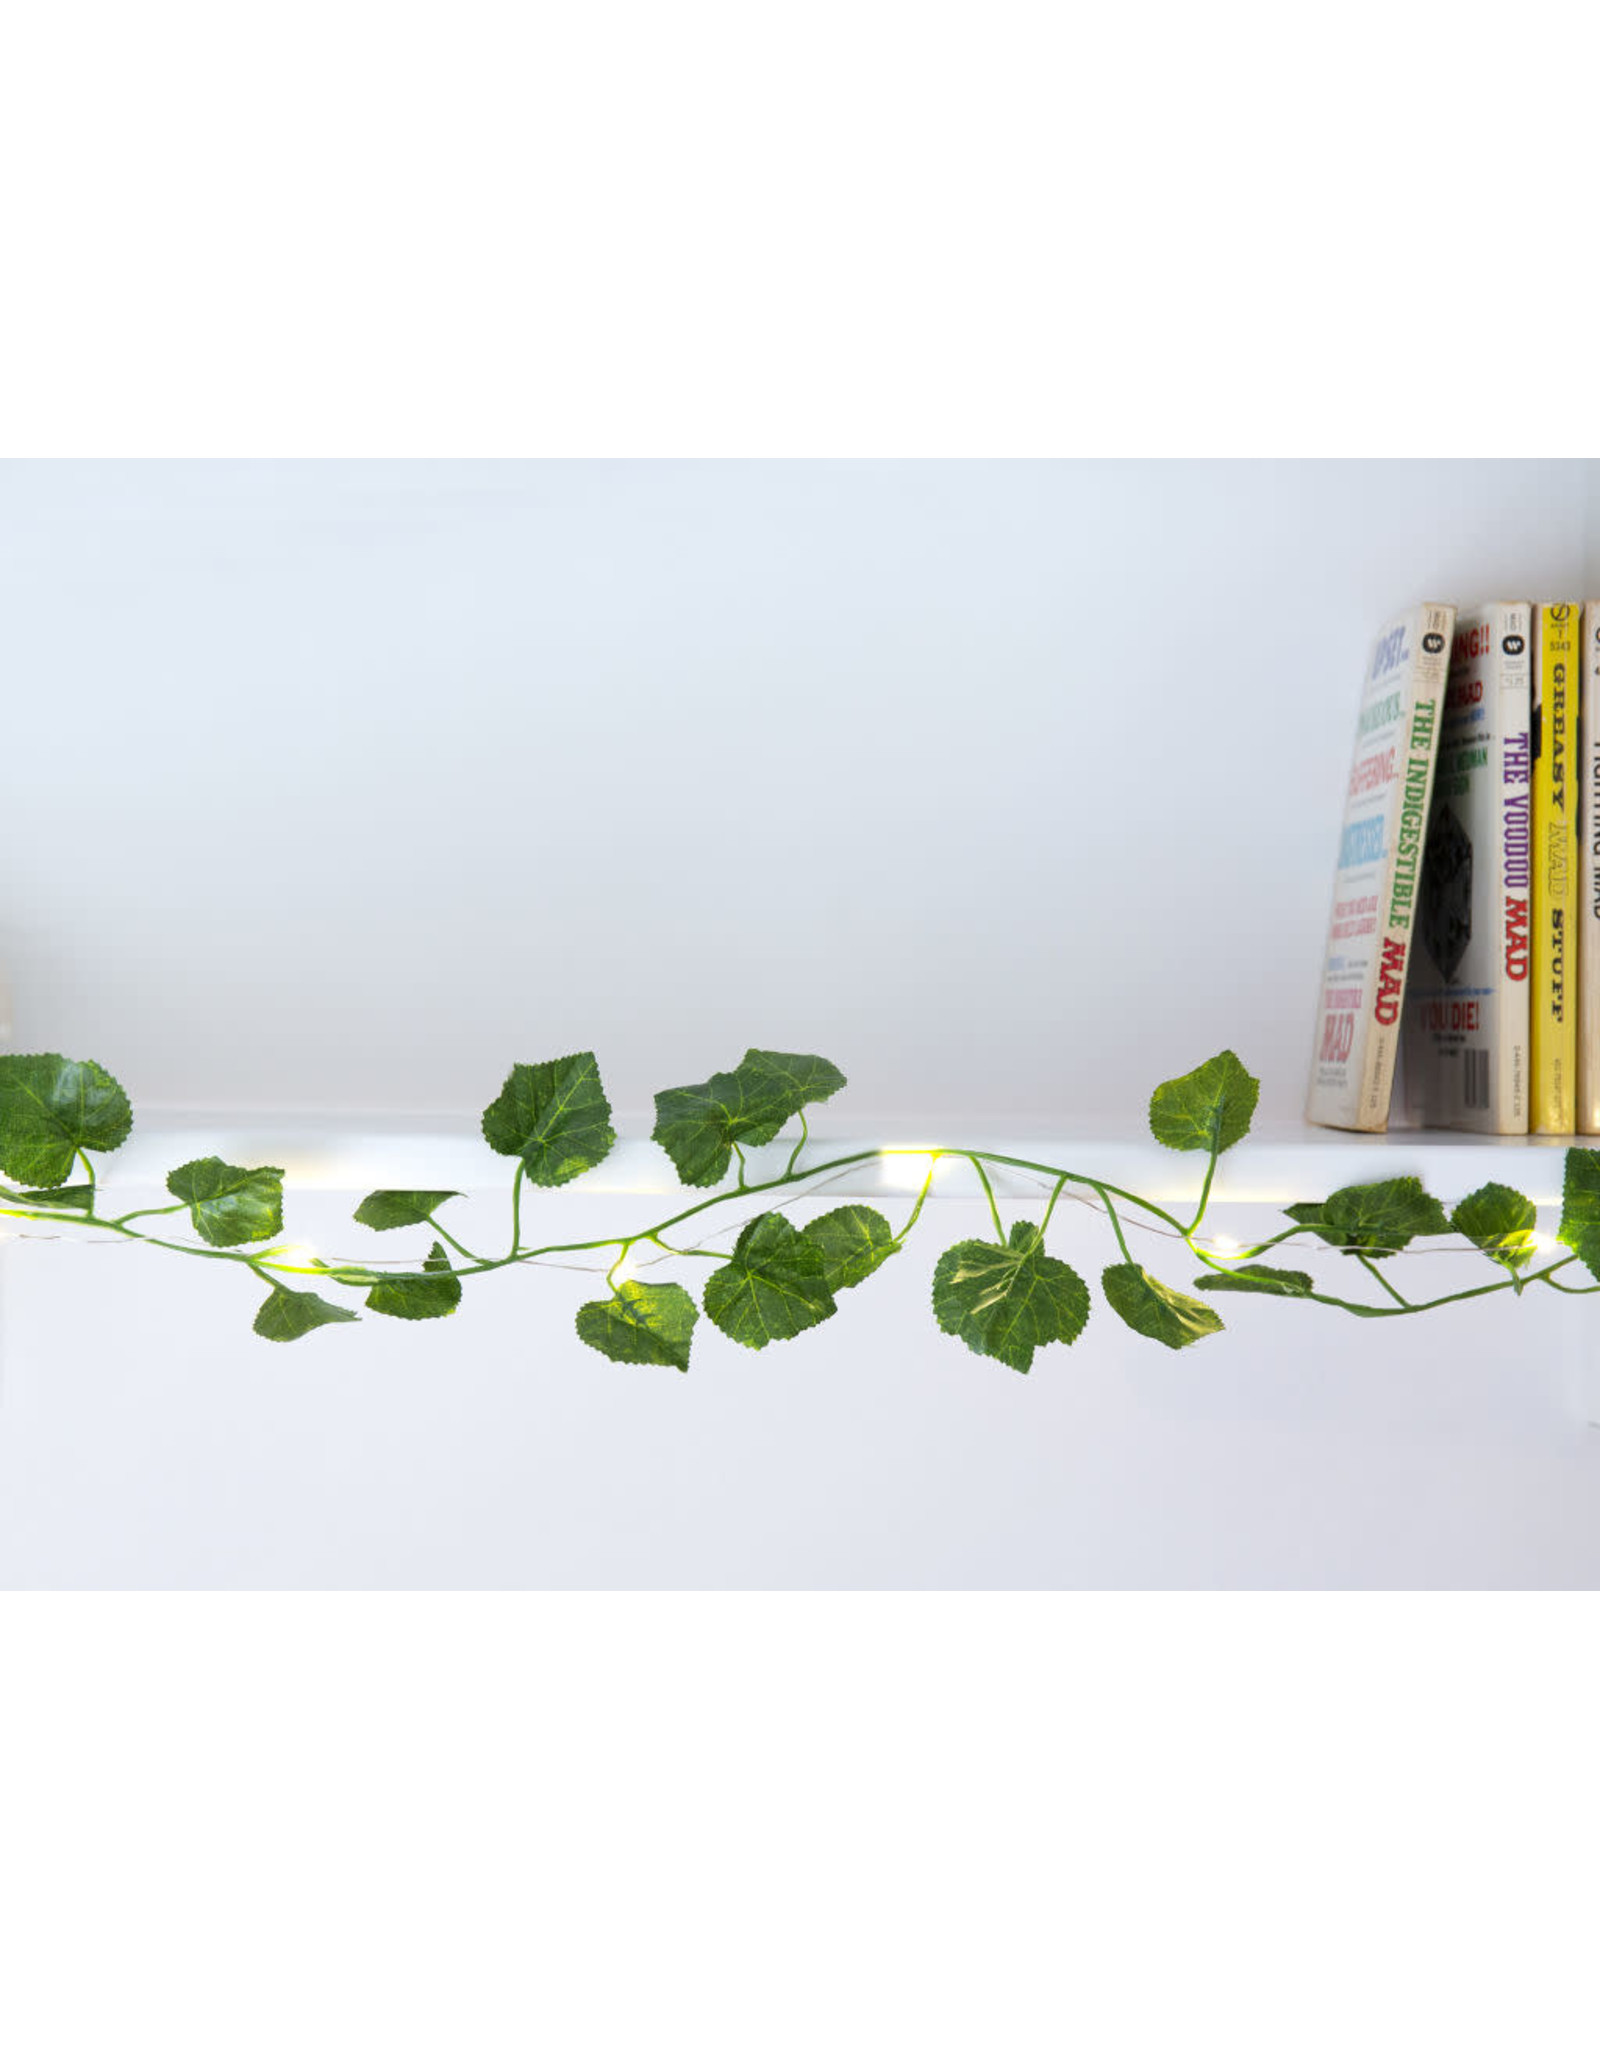 green string lights - ivy